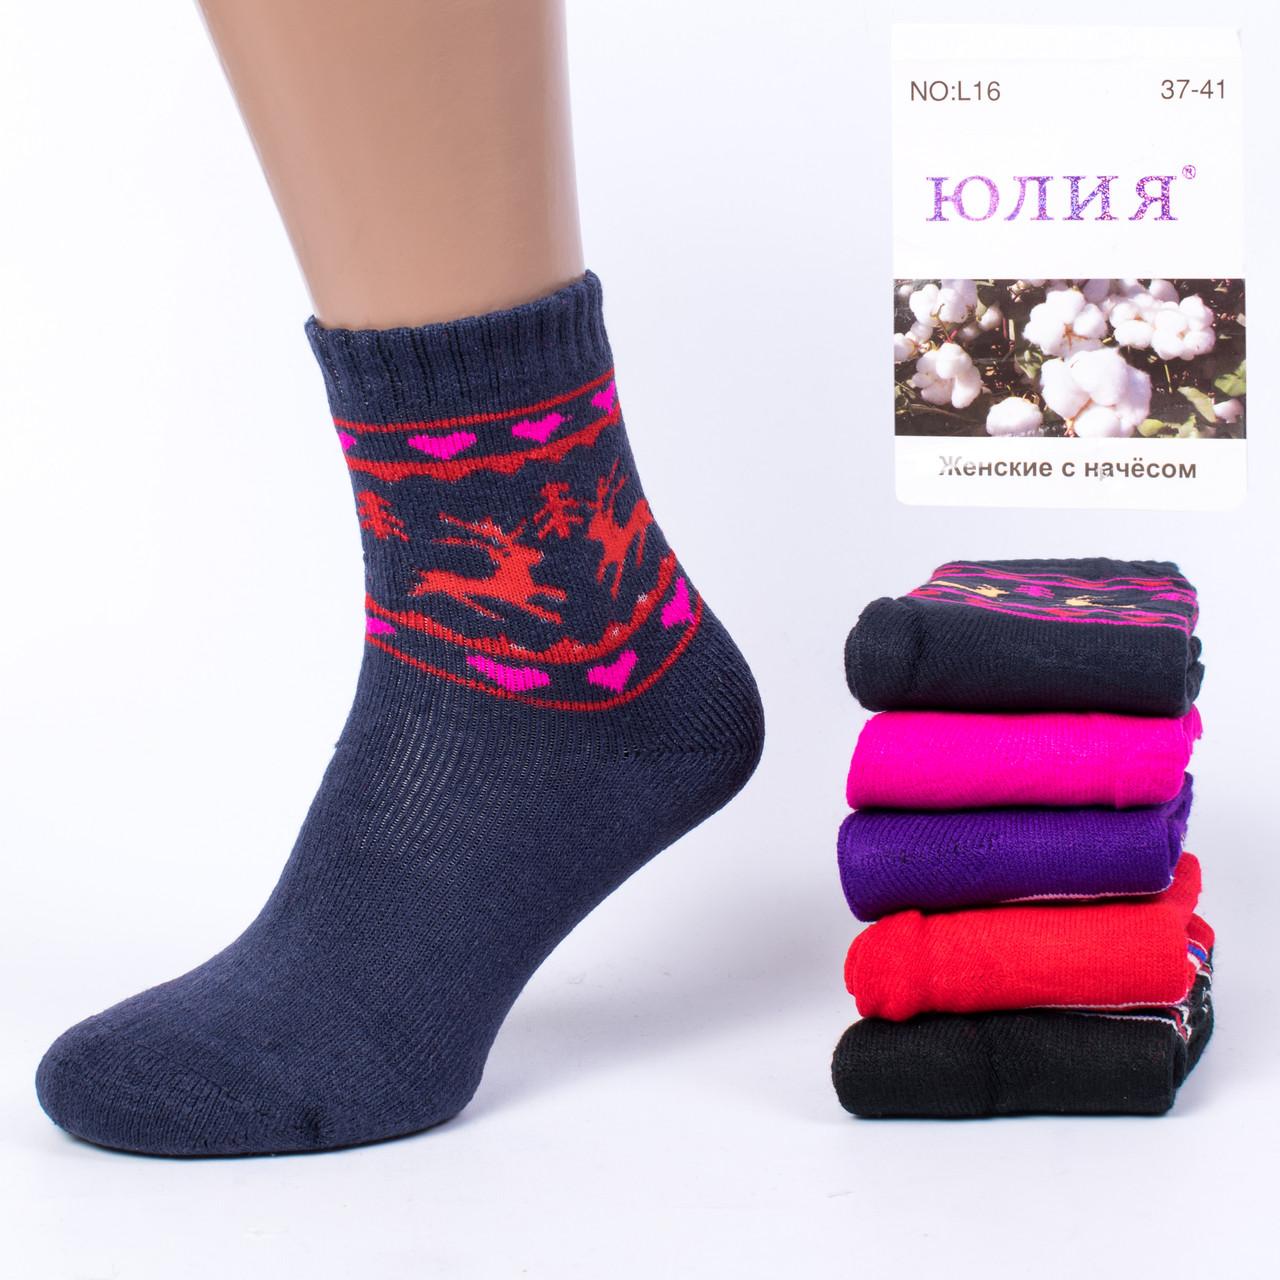 Женские махровые носки с начёсом Юлия L16. В упаковке 12 пар